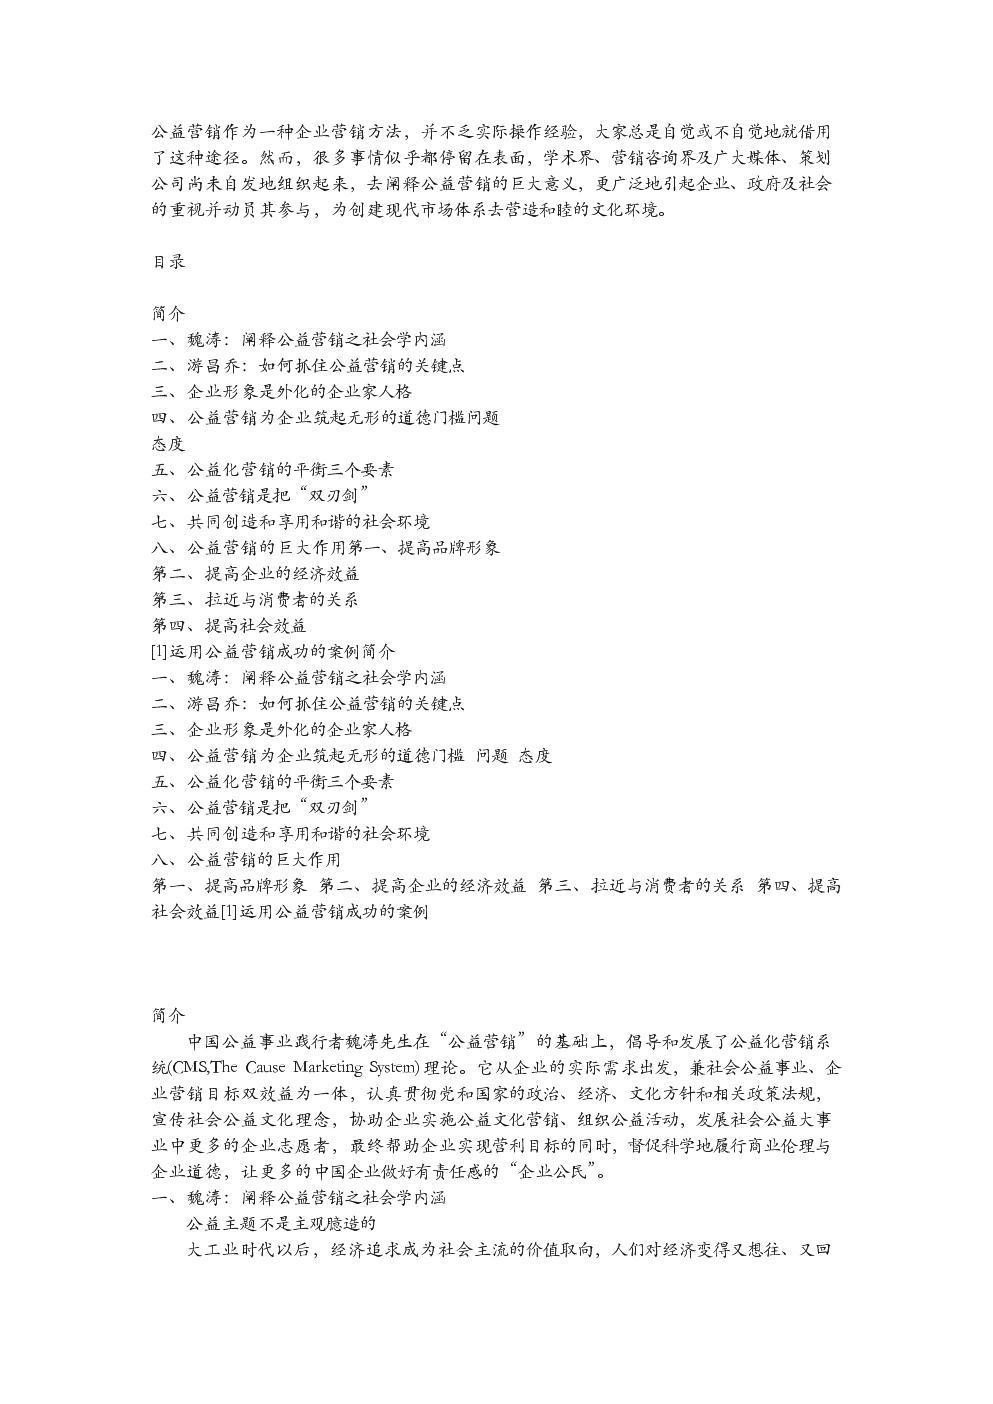 公益营销策划讲义.doc